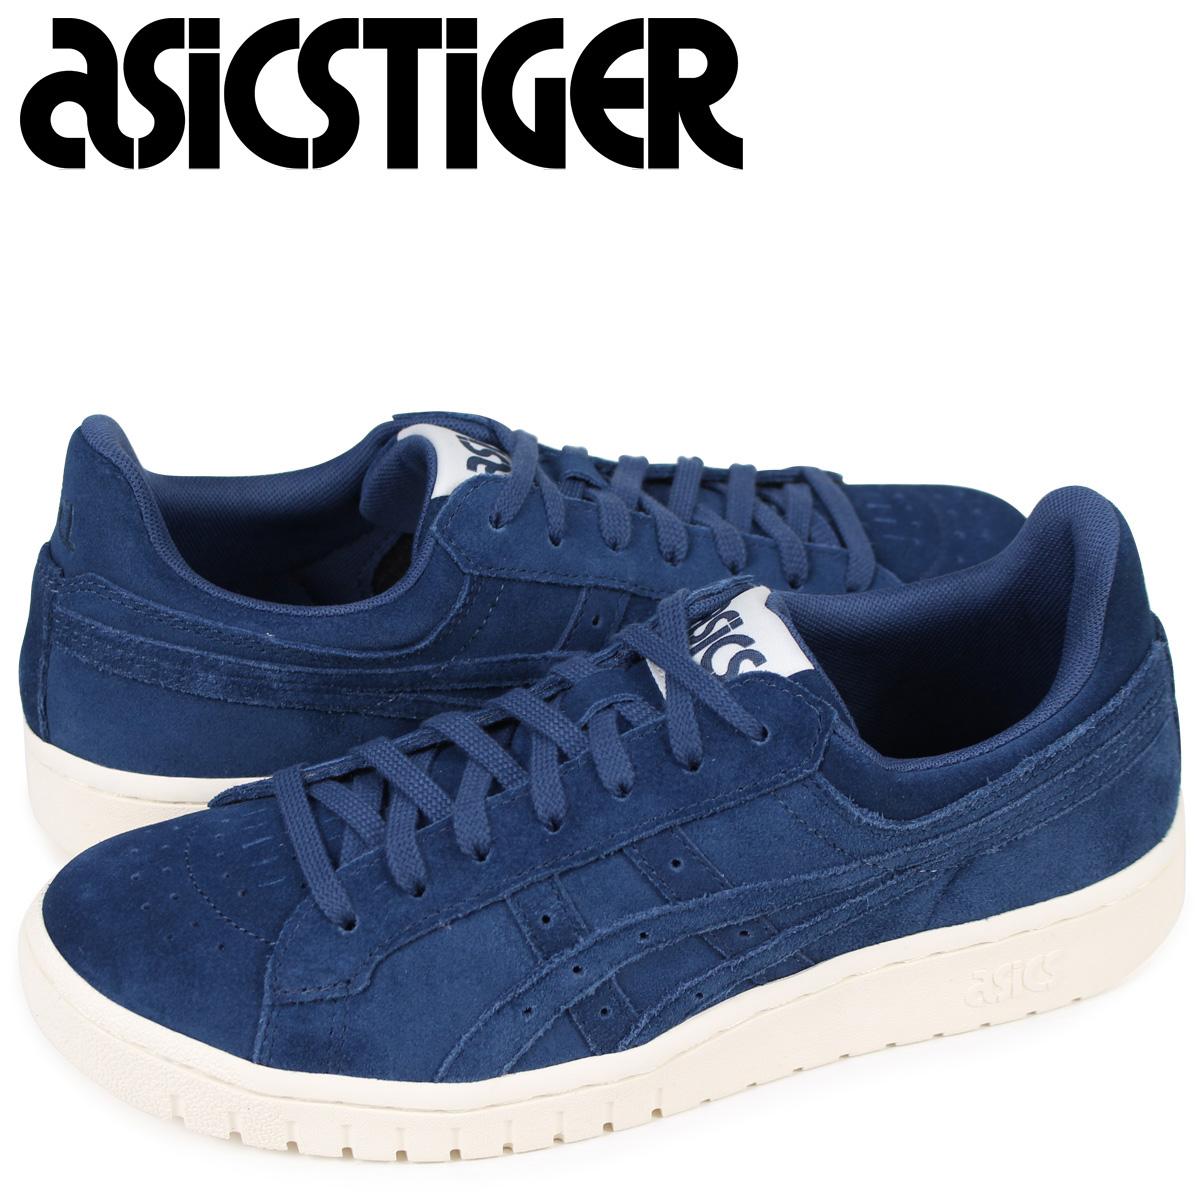 kup sprzedaż tani przyjazd ASICS tiger asics Tiger gel PTG sneakers GEL point man H8A2L-4949 men blue